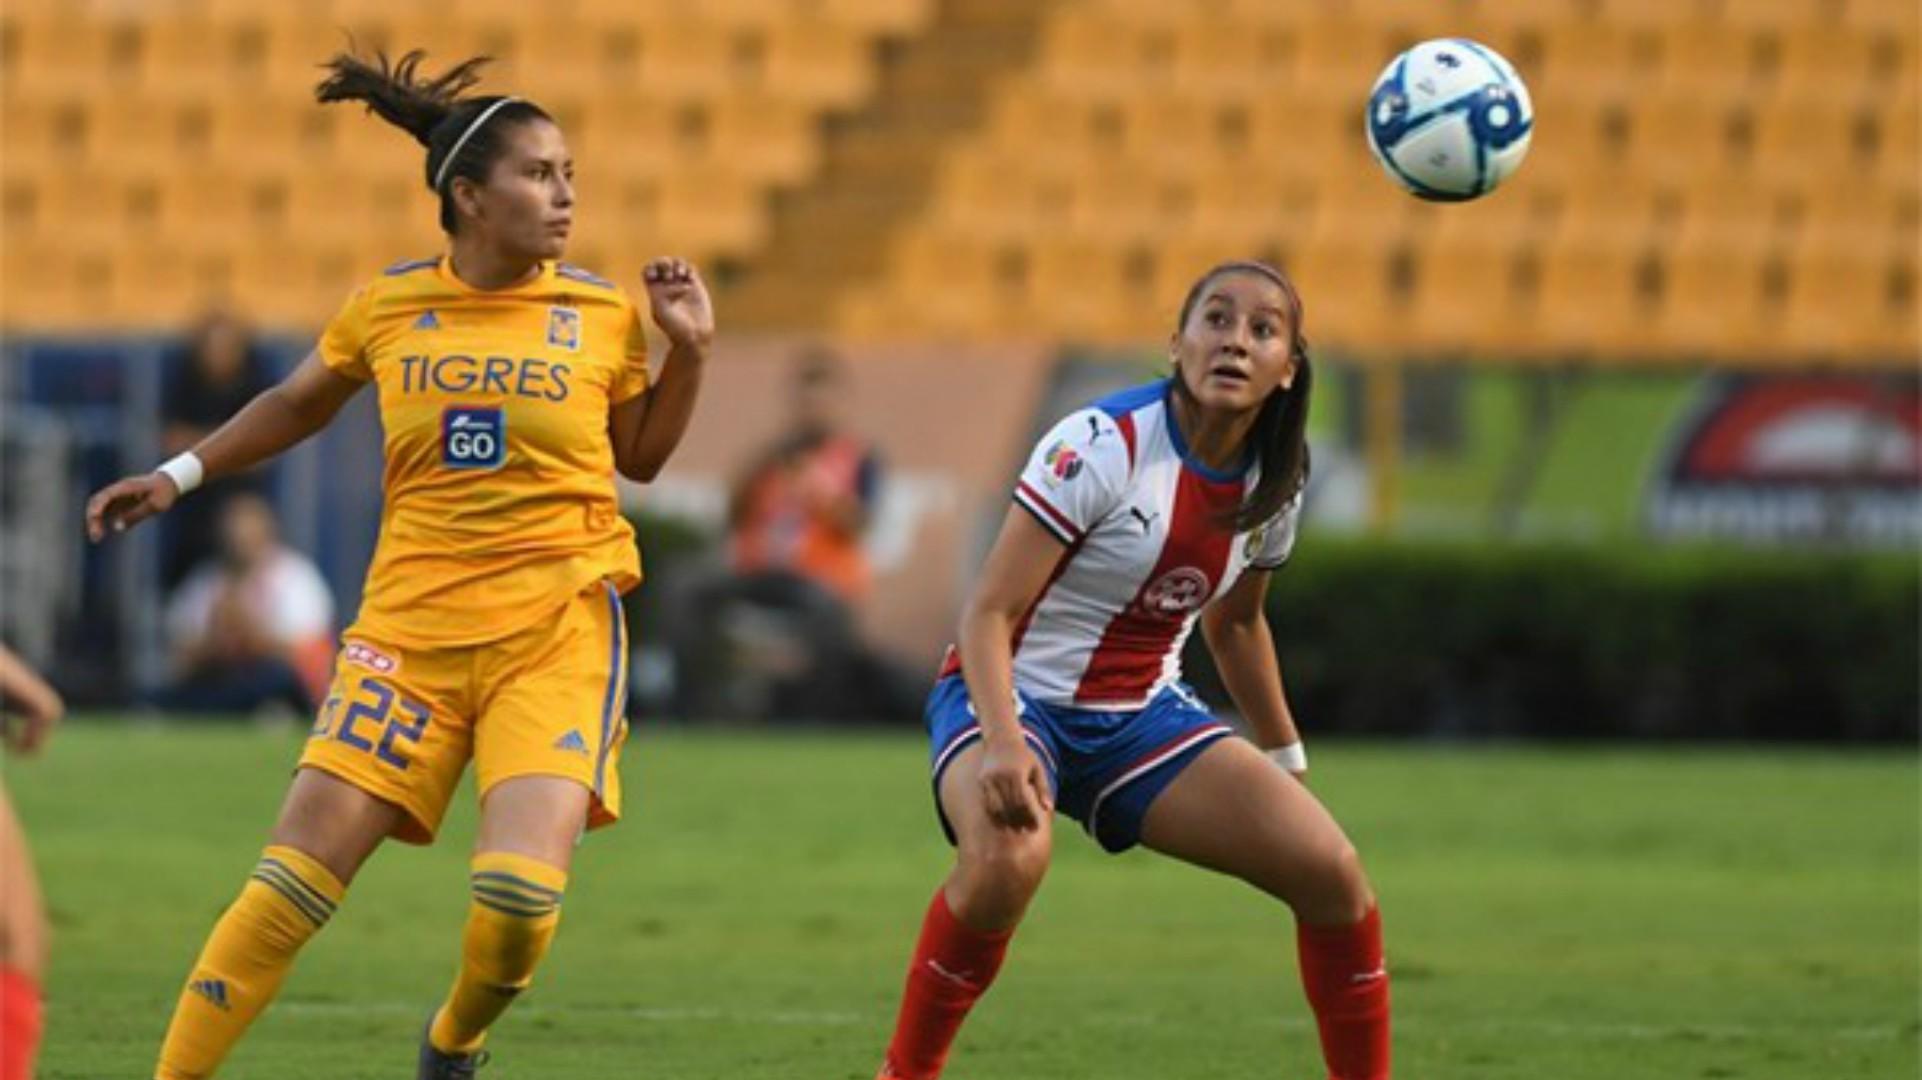 Tigres Chivas Liga MX Femenil